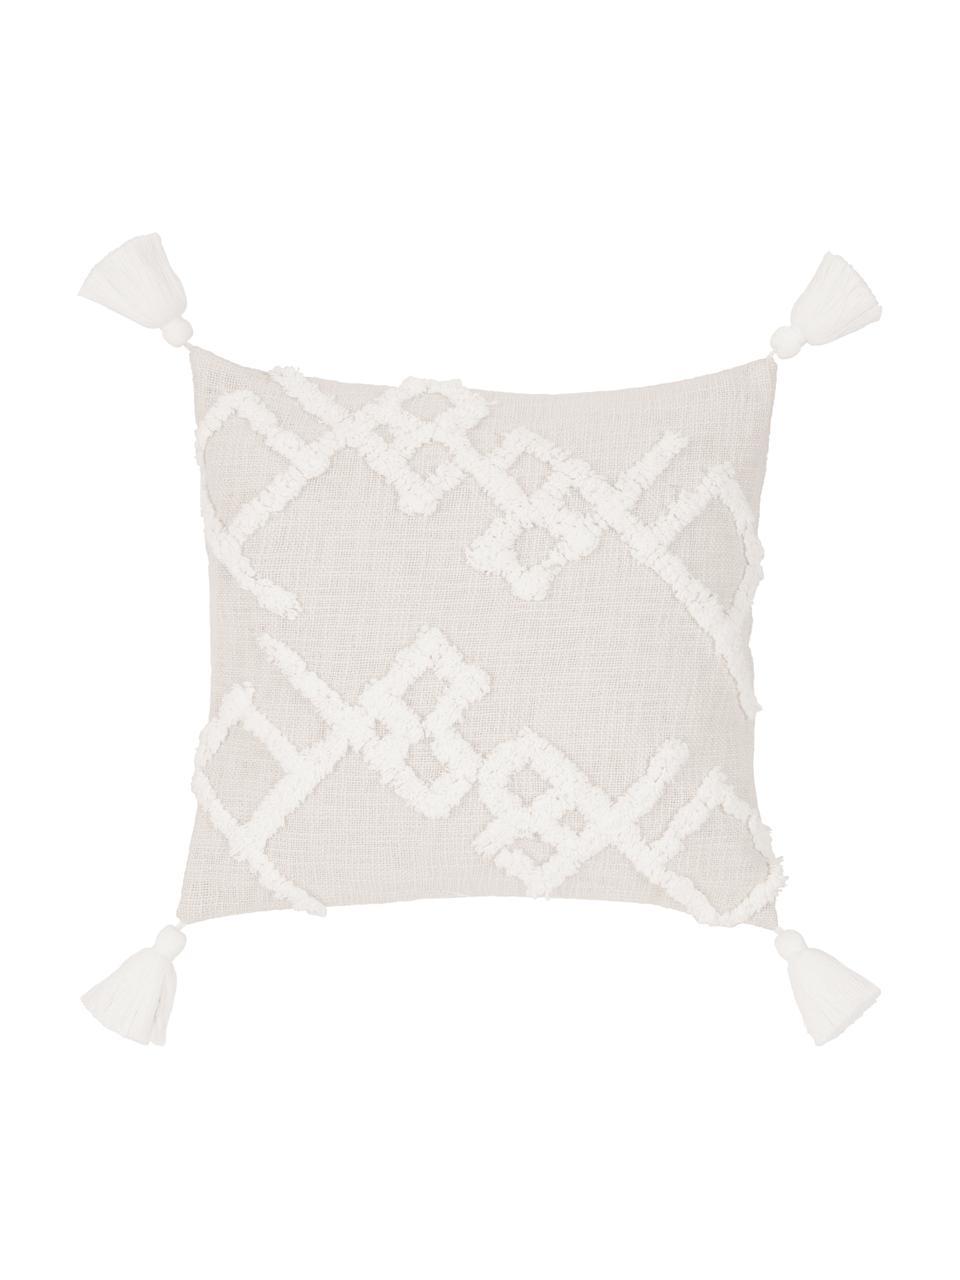 Kissenhülle Tikki mit getufteter Verzierung, 100% Baumwolle, Beige, 40 x 40 cm